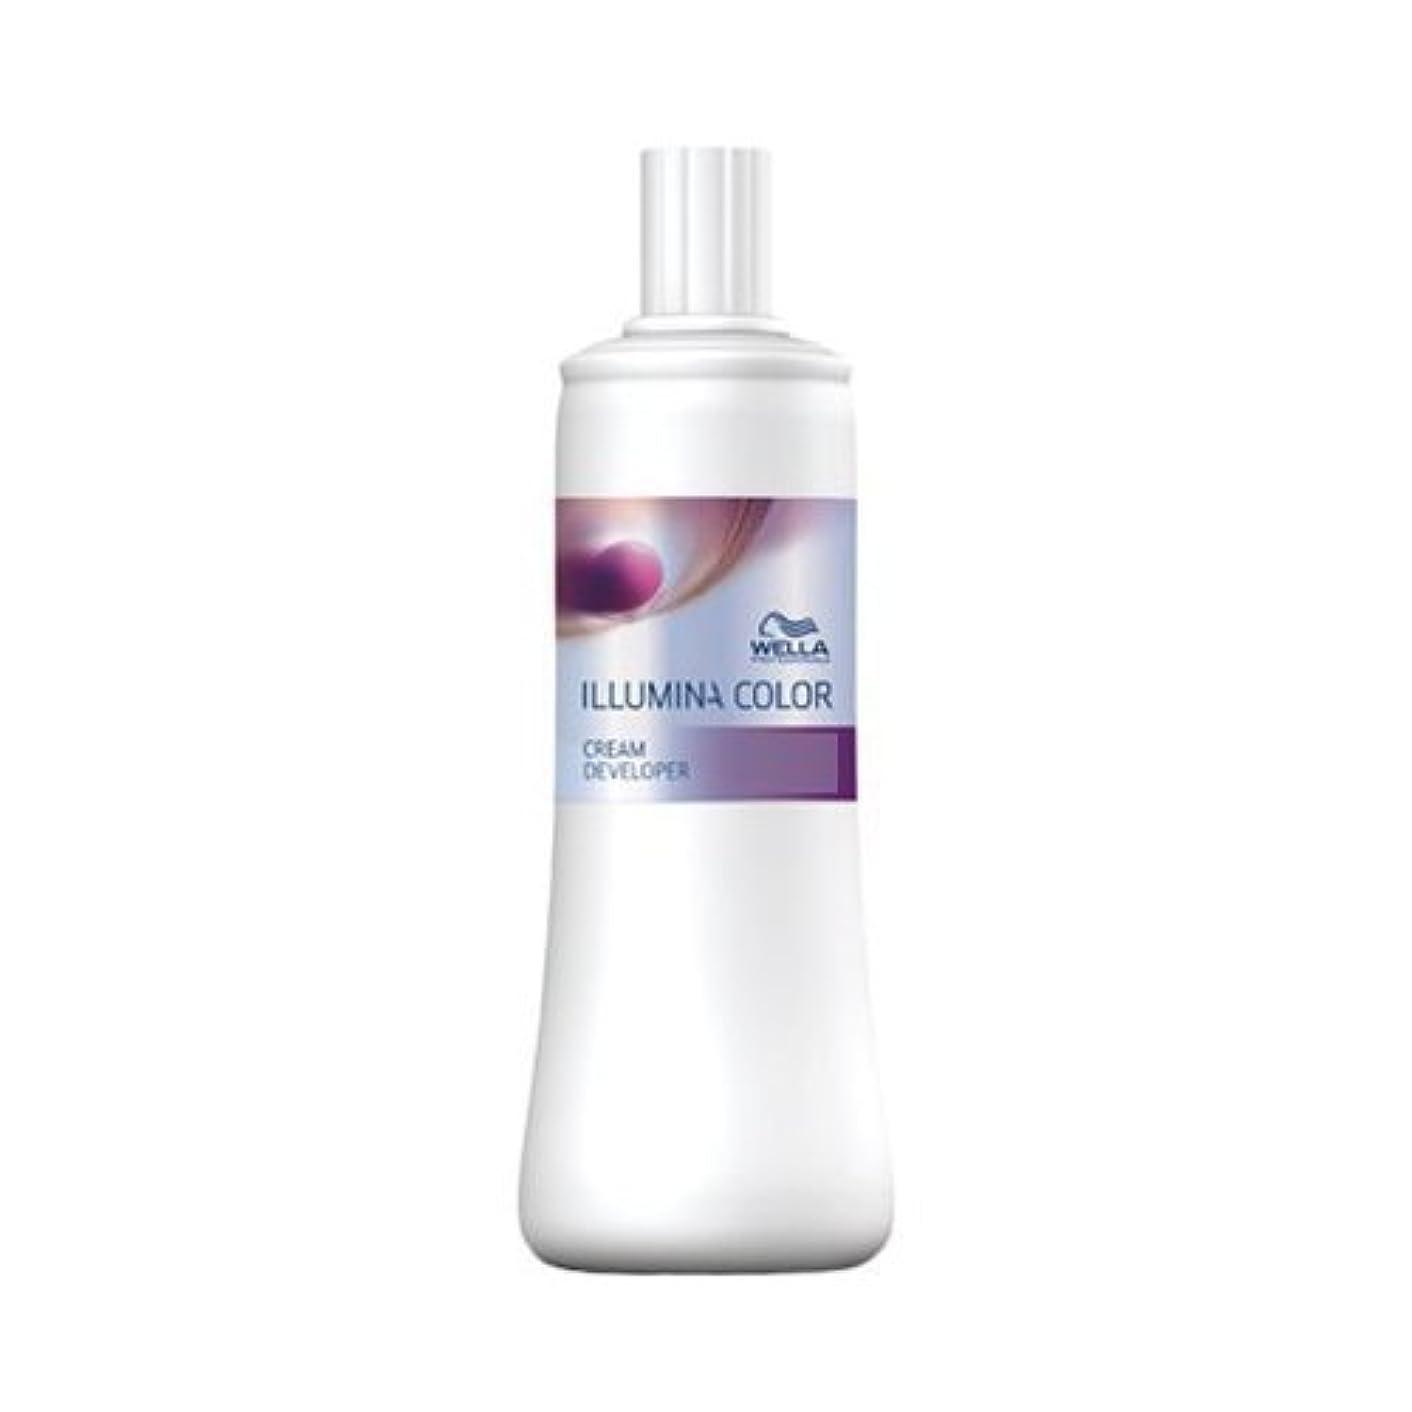 固有のアブストラクト豊富なウエラ イルミナカラー クリーム ディベロッパー 6% 1000ml(2剤)